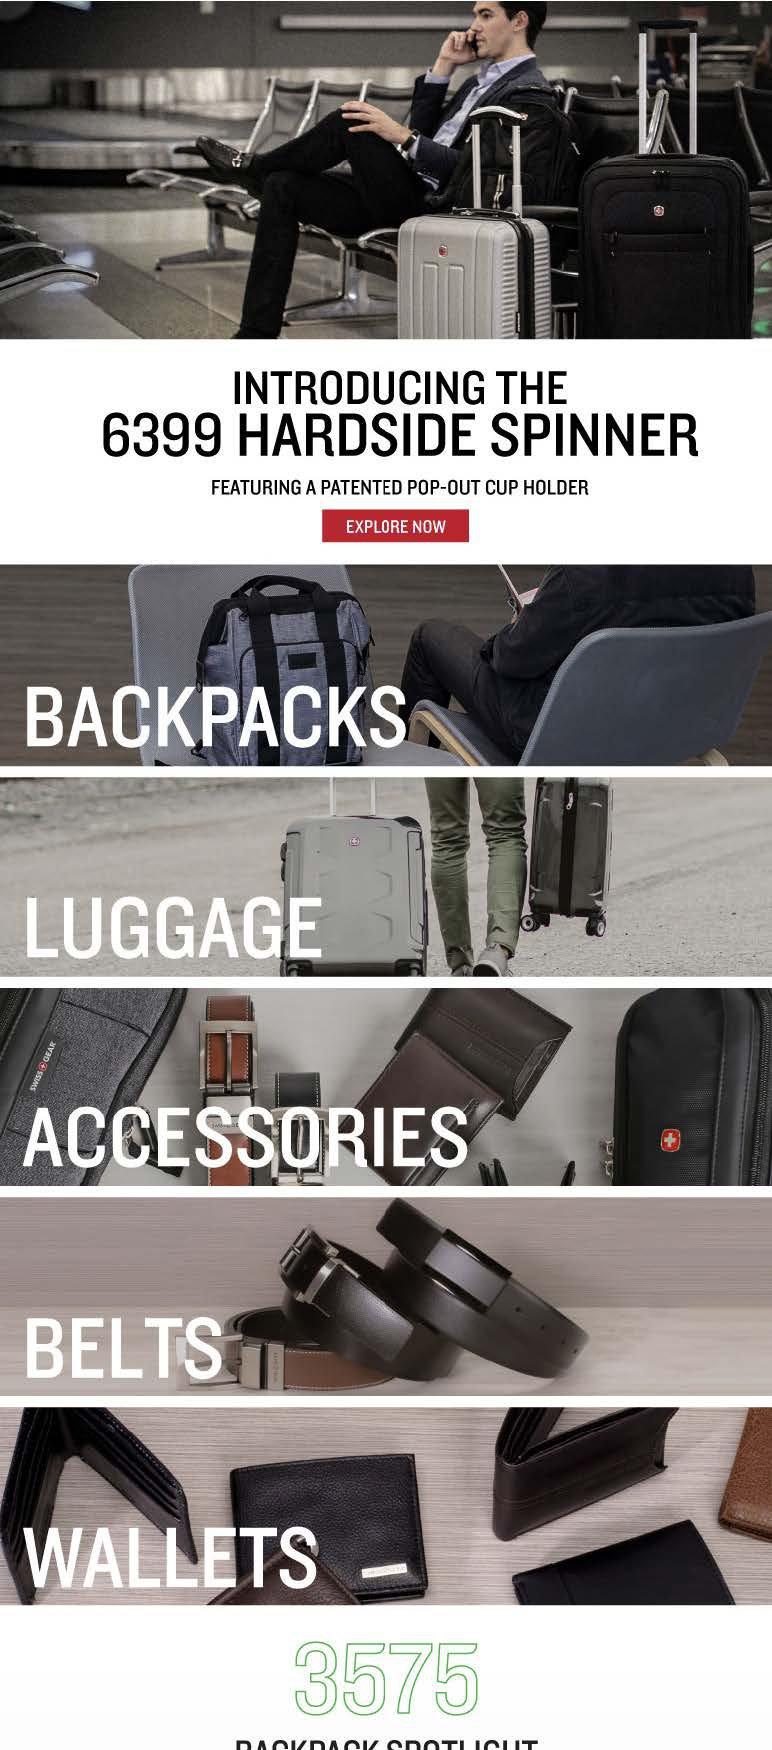 swiss gear mobile site